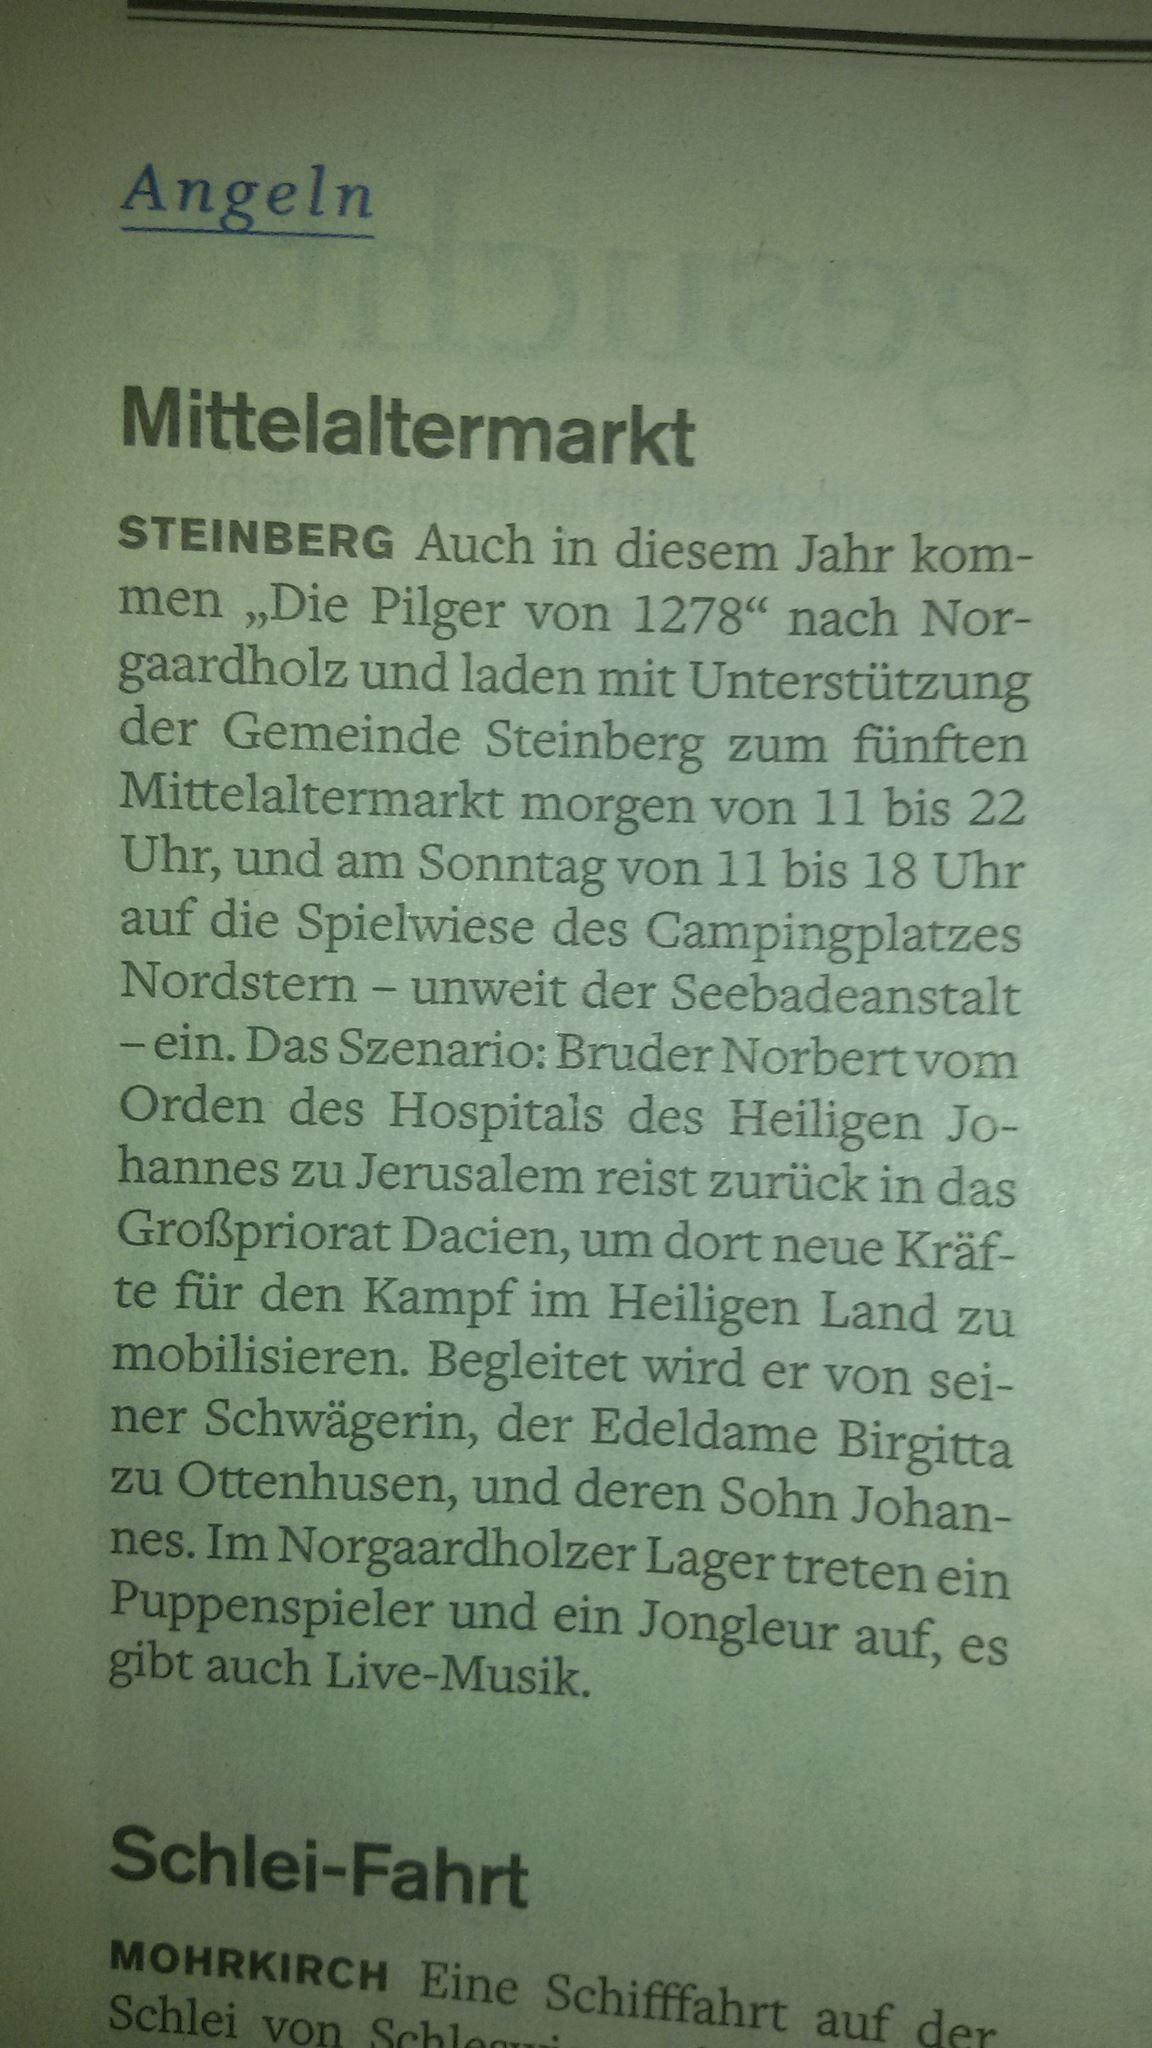 Der '5. kleiner Mittelaltermarkt in Norgaardholz' in der 'Flensburger Tageblatt' vom 12. August 2016